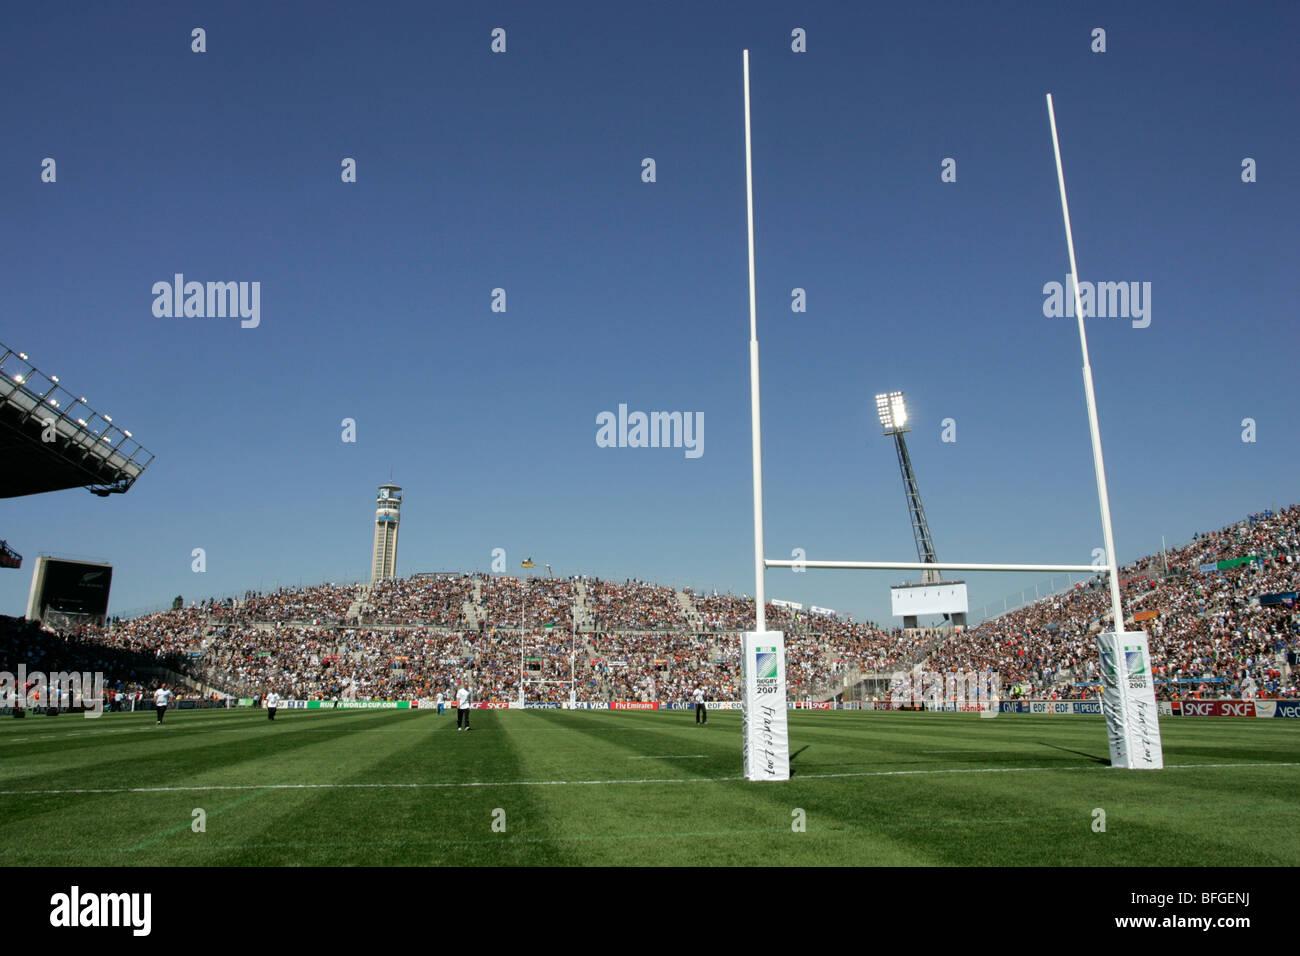 Le Stade Stade Vélodrome à Marseille France Banque D Images